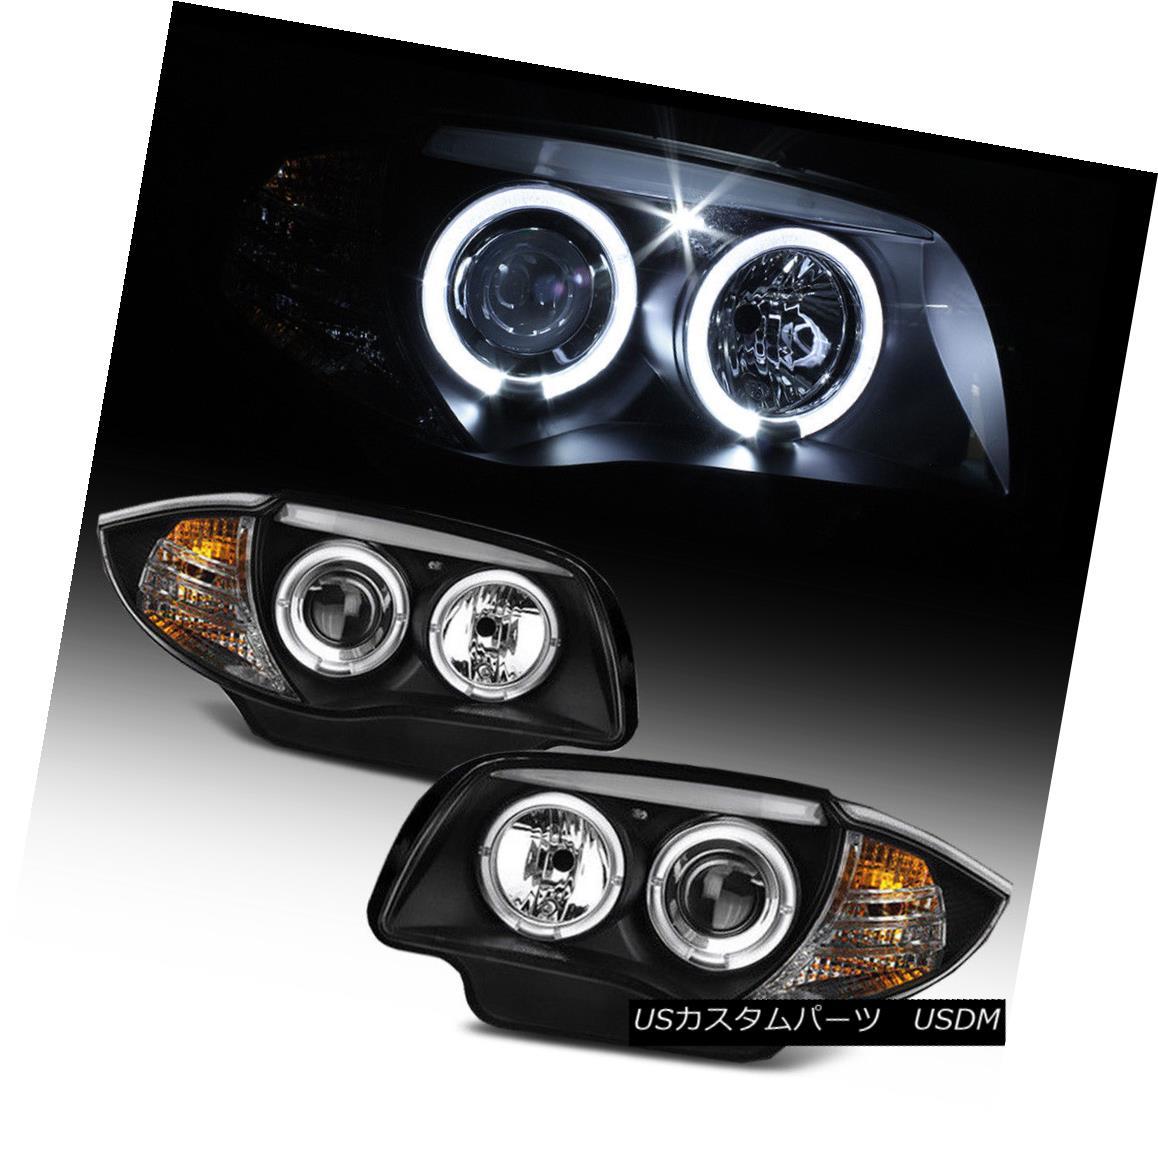 ヘッドライト For Halogen Model 2008-2013 BMW E87 128i 135i Blk LED Halo Projector Headlights ハロゲンモデル2008-2013用BMW E87 128i 135i Blk LEDハロープロジェクターヘッドライト